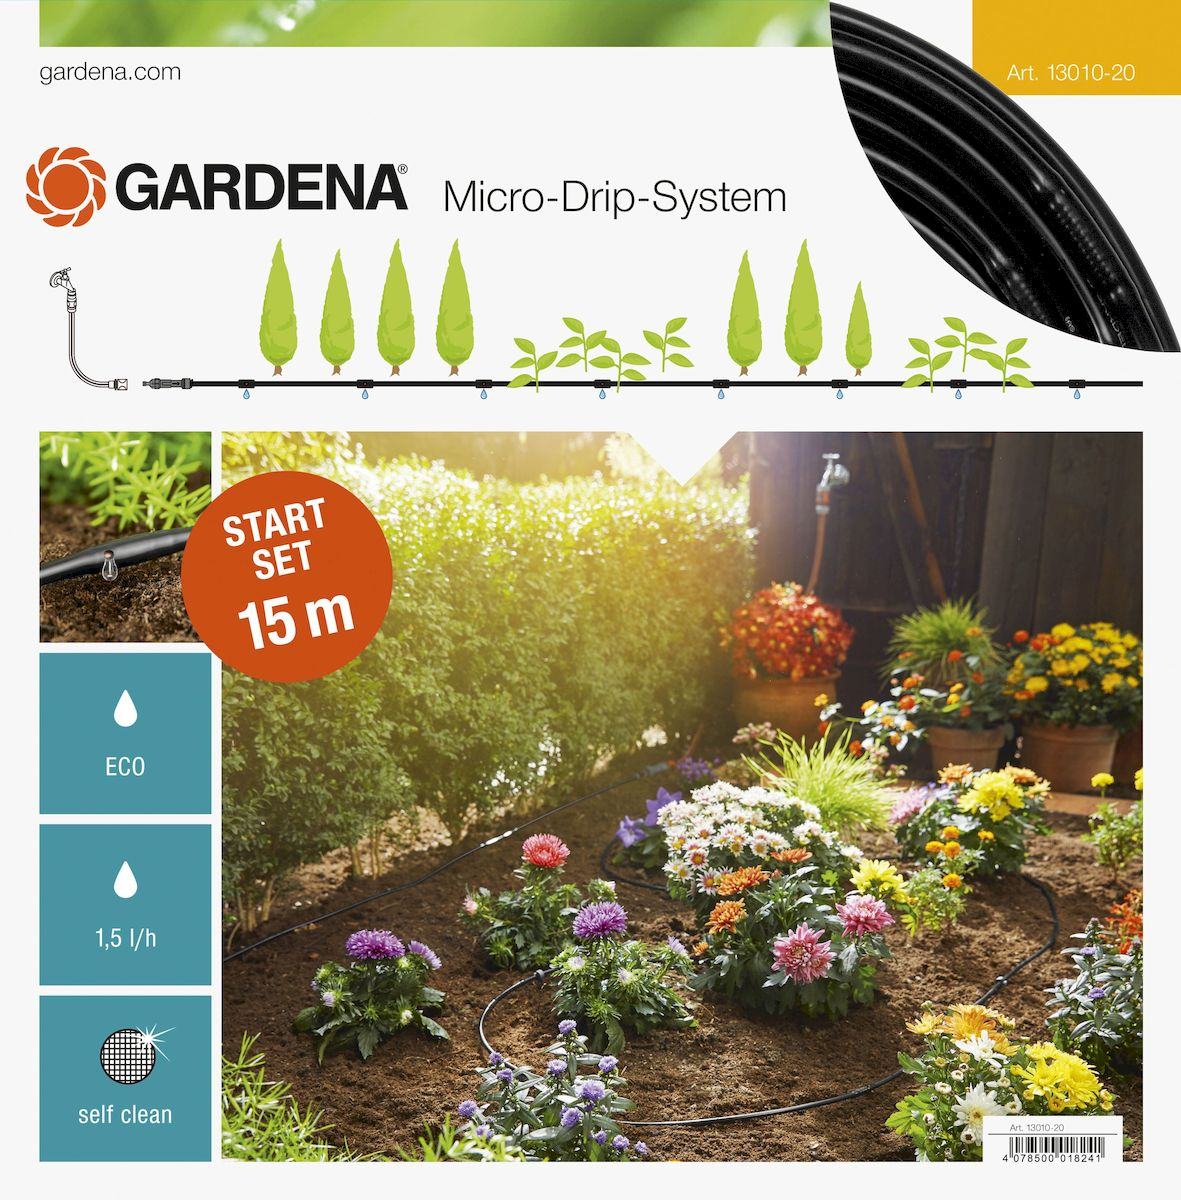 Комплект базовый для наземной прокладки Gardena, 4,6 мм (3/16) х 15 м106-026Комплект базовый для наземной прокладки Gardena предназначен для полива небольших участков с цветами, овощами и фруктами, а также для полива посаженных в ряд растений. Расстояние между отверстиями составляет 30 см. Каждая капельница обеспечивает бережный полив с расходом воды 1,6 л/ч. Благодаря использованию инновационной лабиринтной технологии, капельницы являются самоочищающимися. Благодаря небольшому диаметру 4,6 мм (3/16) шланг характеризуется особой многофункциональностью и простотой монтажа. При условии установки мастер-блока по центру длина шланга может быть увеличена до 30 м с помощью комплекта для удлинения. В комплекте:- мастер-блок 1000; - подающий шланг 4,6 мм (3/16), 15 м; - колышки для крепления шланга 13 мм (1/2), 15 шт; - заглушка 4,6 мм (3/16).